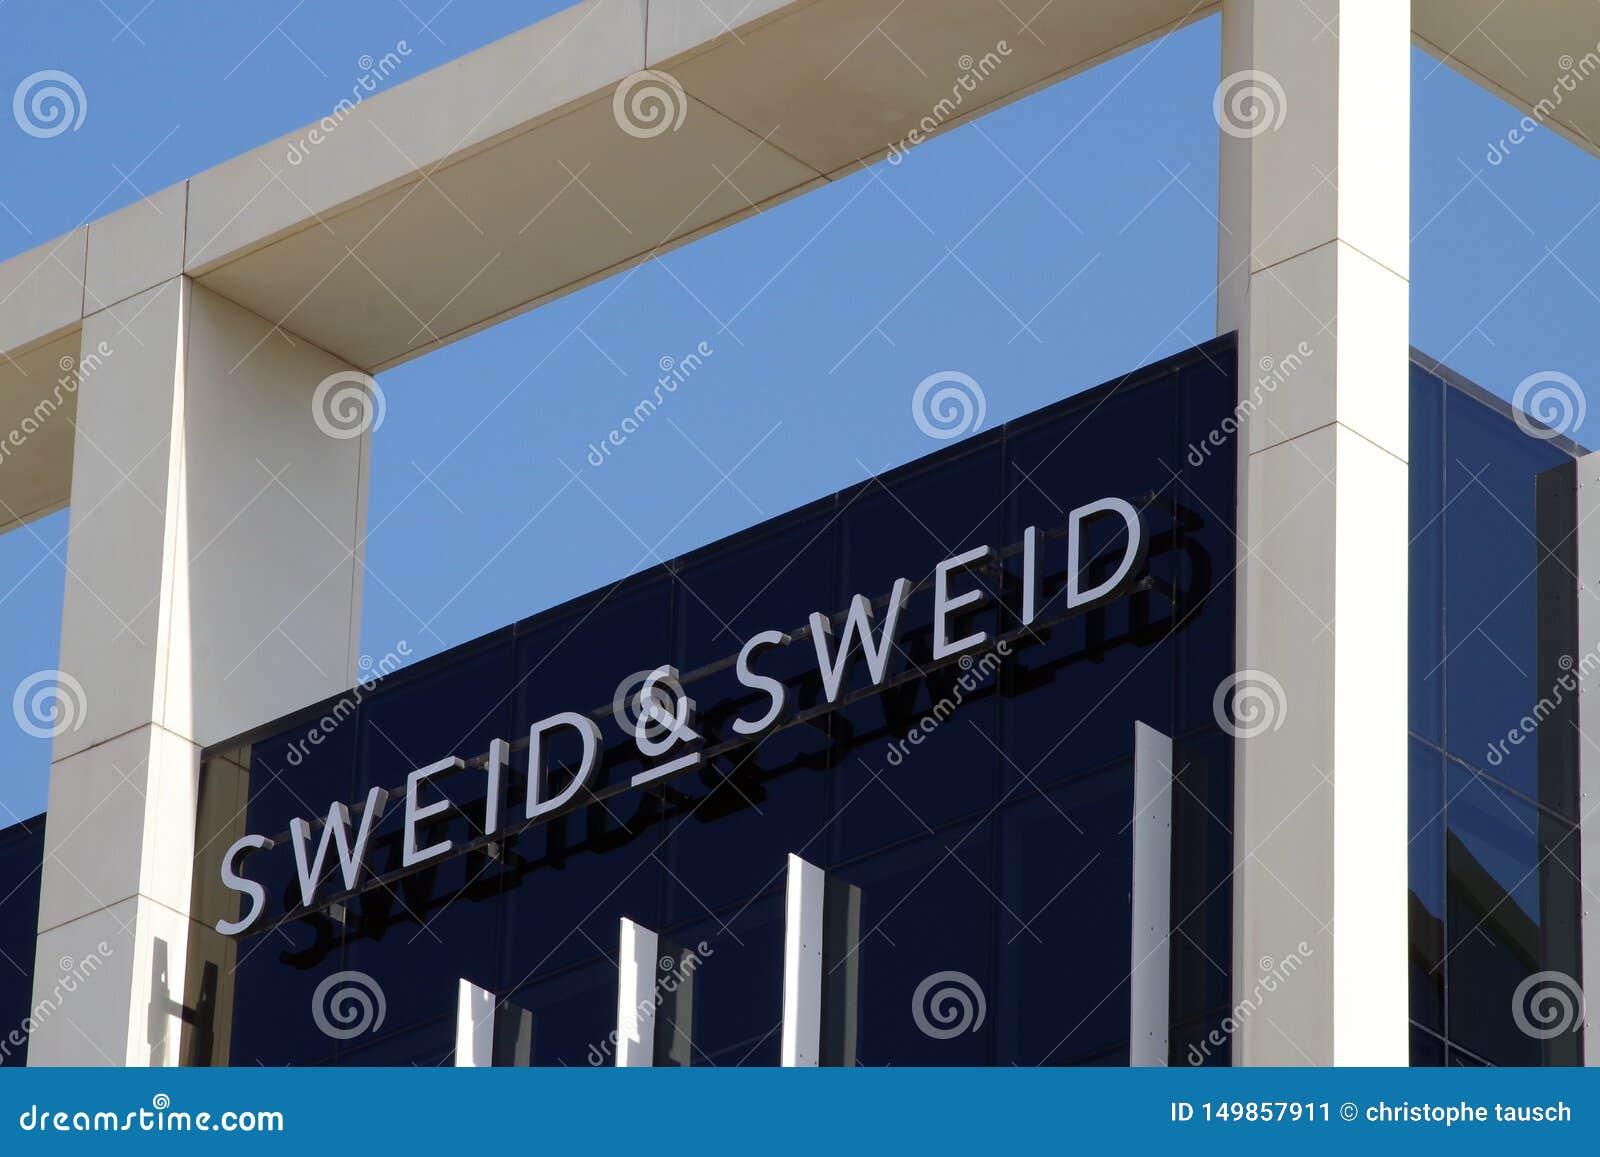 Imagen De La Fachada De Sweid Fundado En 2006 Sweid Y Sweid